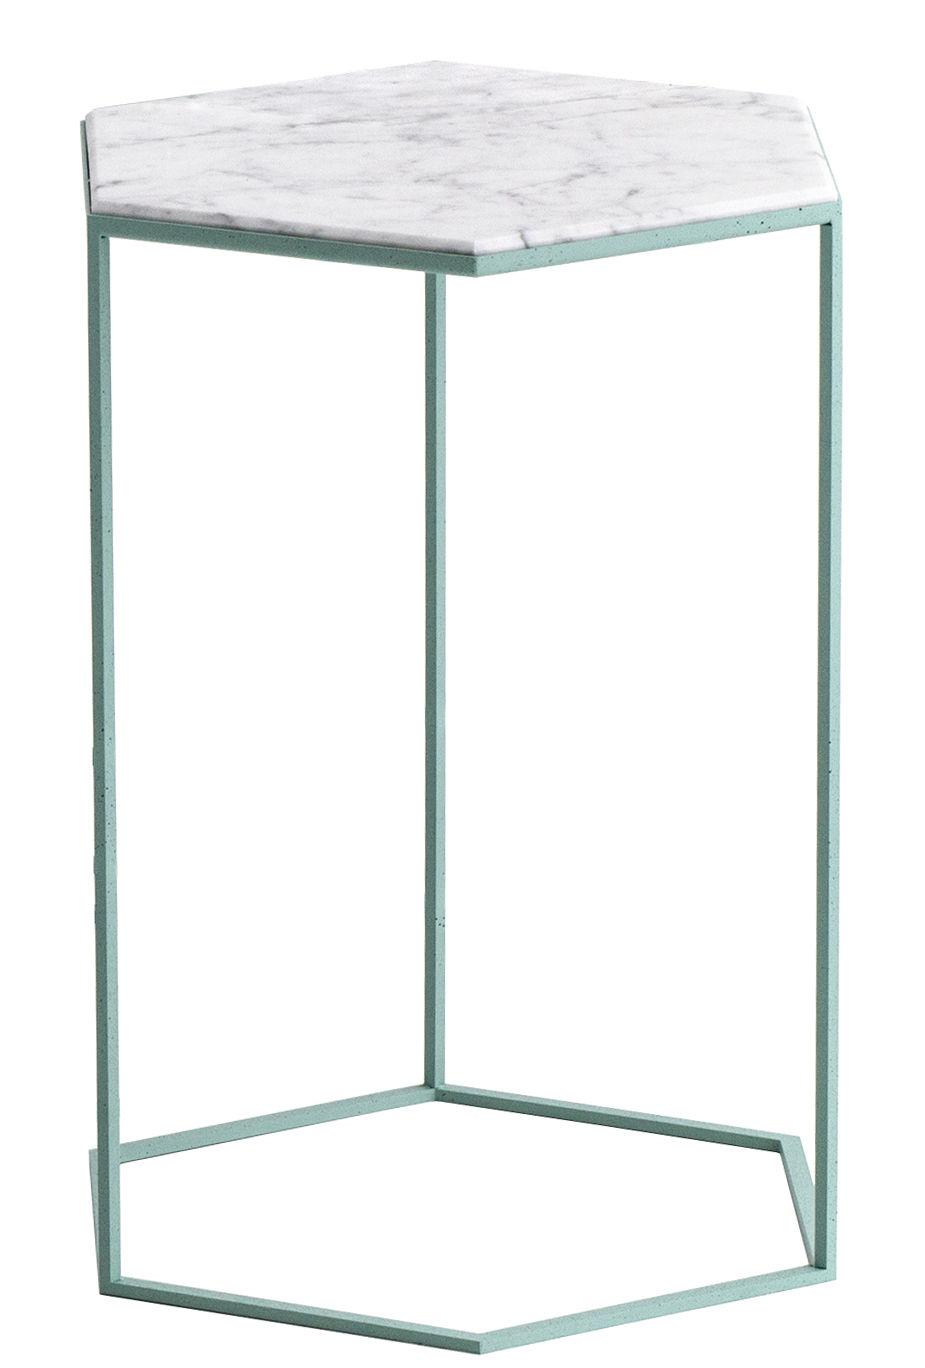 Arredamento - Tavolini  - Tavolino d'appoggio Hexxed - / Marmo - H 50 cm di Diesel with Moroso - Marmo bianco / Base verde - Acciaio verniciato, Marmo